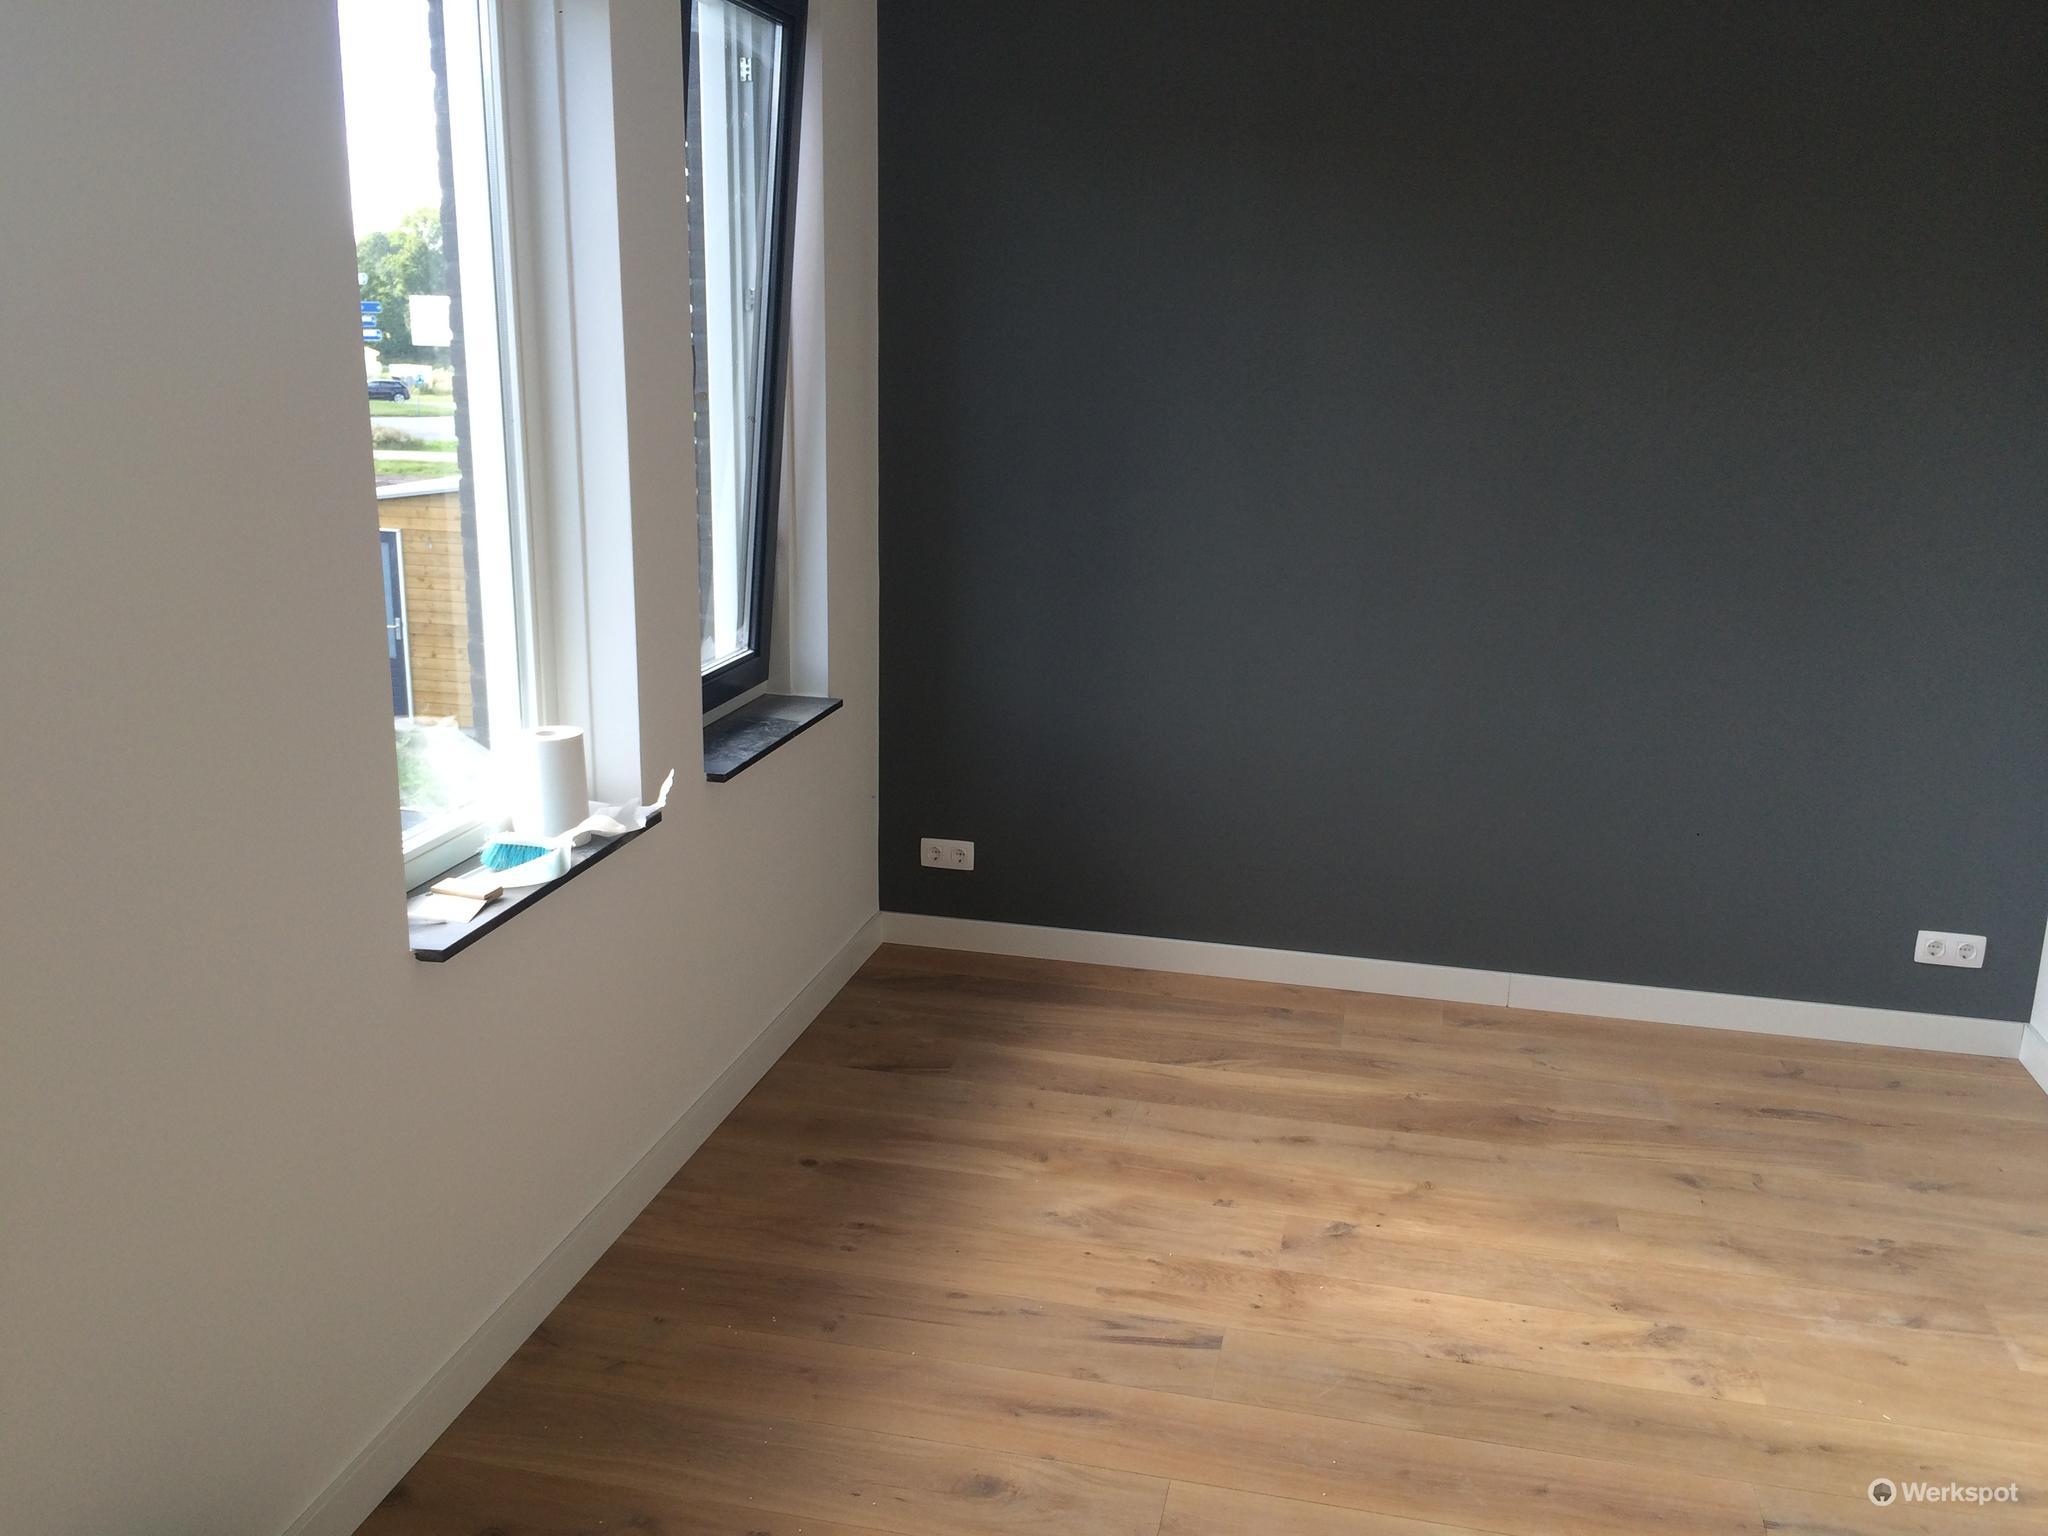 Nieuwbouw ca 300 m2 te utrecht renovlies latex verf for Renovlies behang aanbrengen